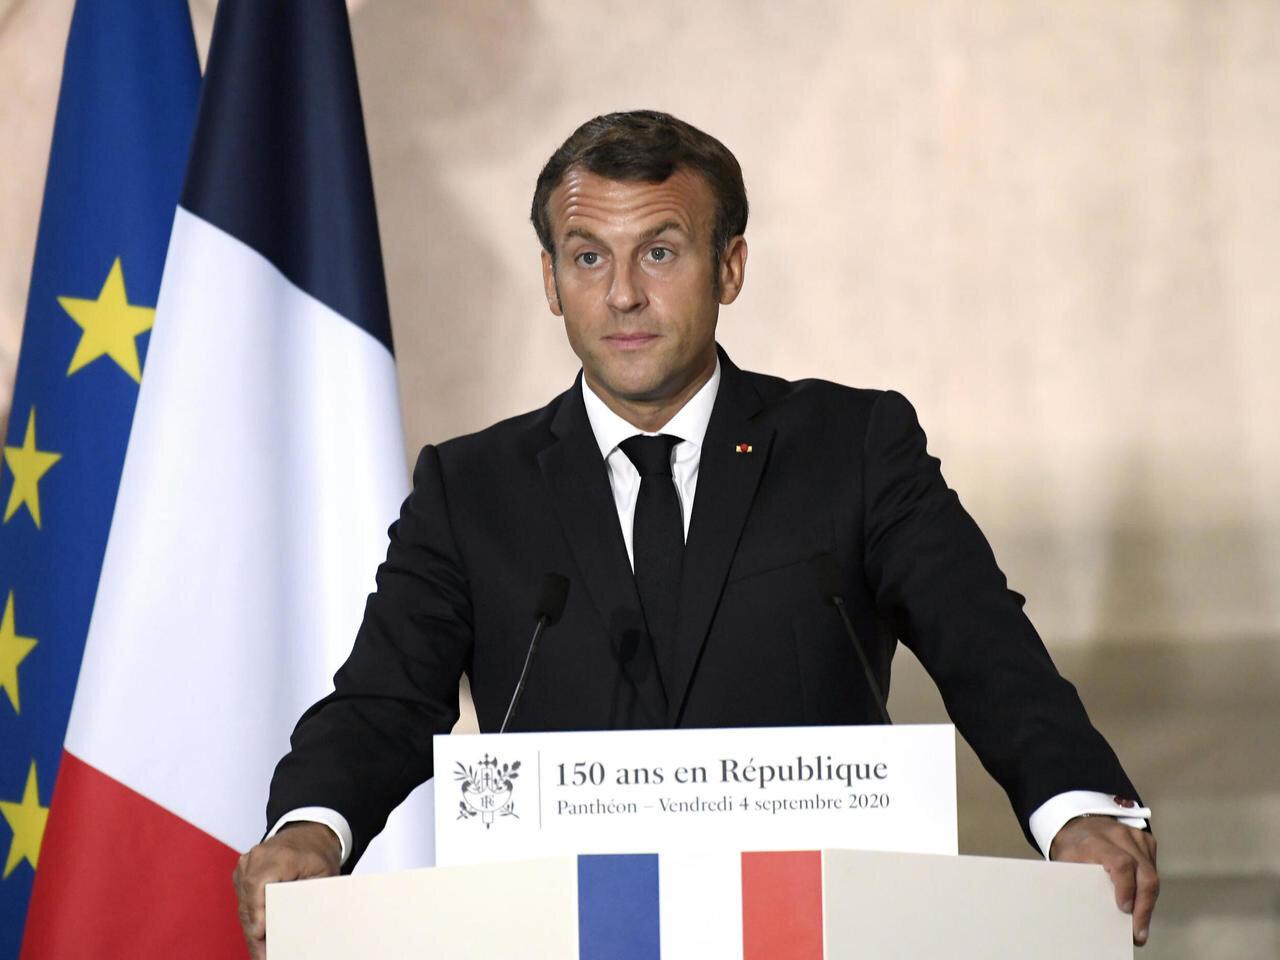 Macron, çizilen her karikatürü kişisel olarak desteklemediğini ancak karikatür çizme hakkının korunması gerektiğini aktardı.